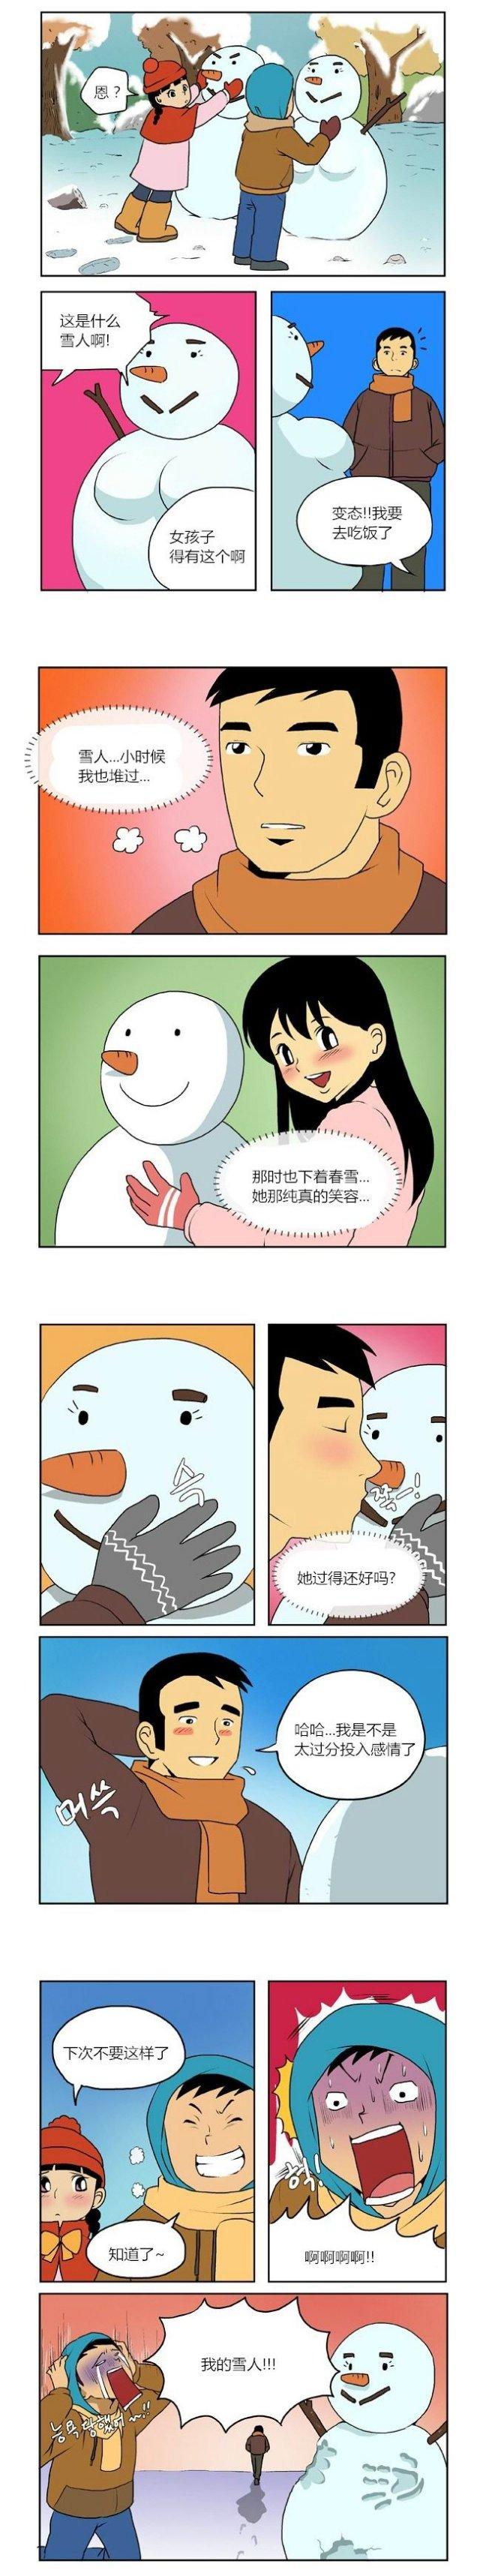 邪恶漫画|训练的成果 我的房间 雪人的回忆 深夜 h漫画 图4